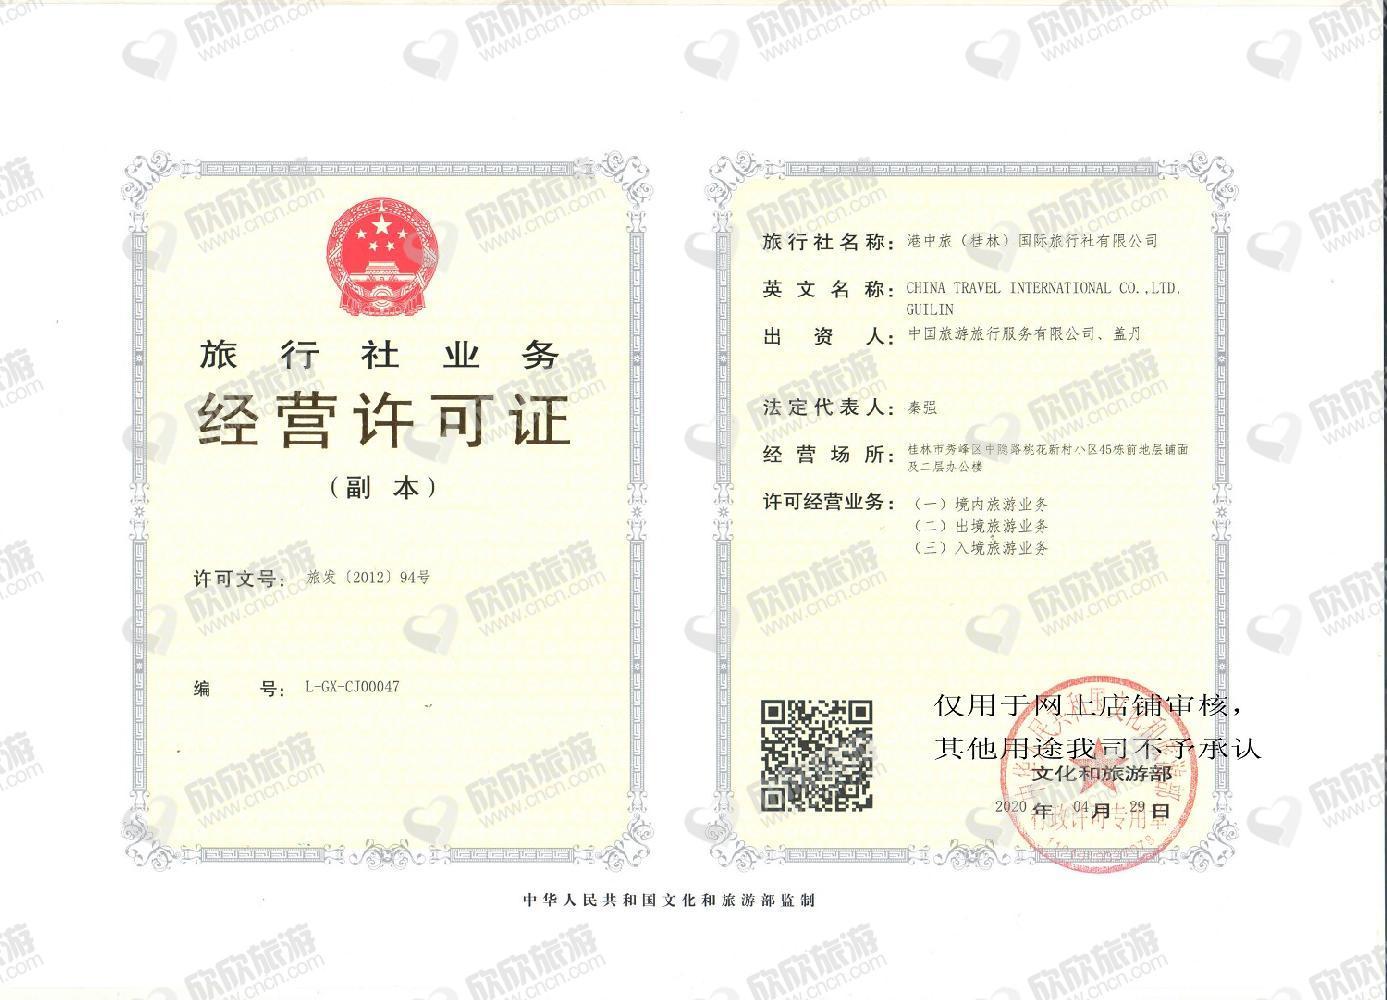 港中旅(桂林)国际旅行社有限公司经营许可证